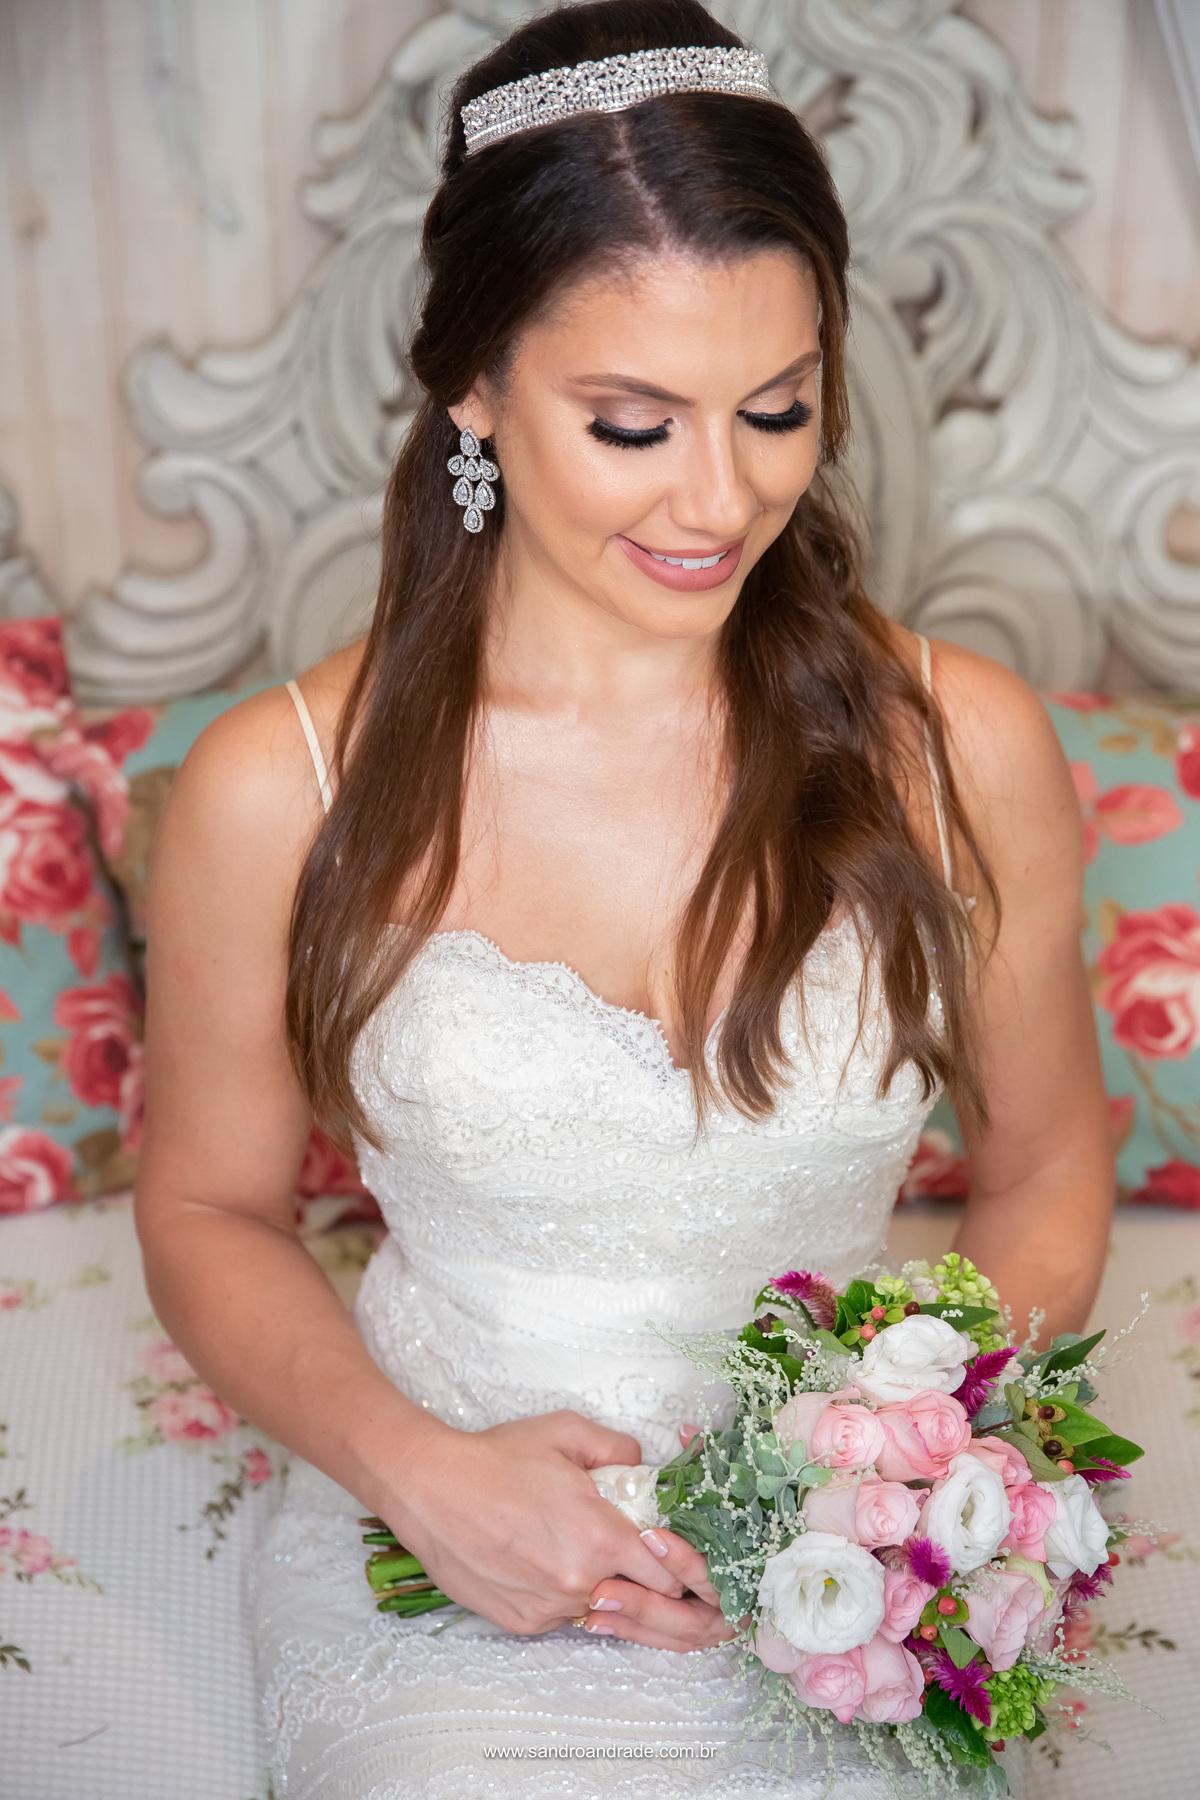 Retrato da noiva com os belíssimos acessórios de noiva, click por Sandro Andrade fotógrafo profissional em Brasilia - BSB - DF.